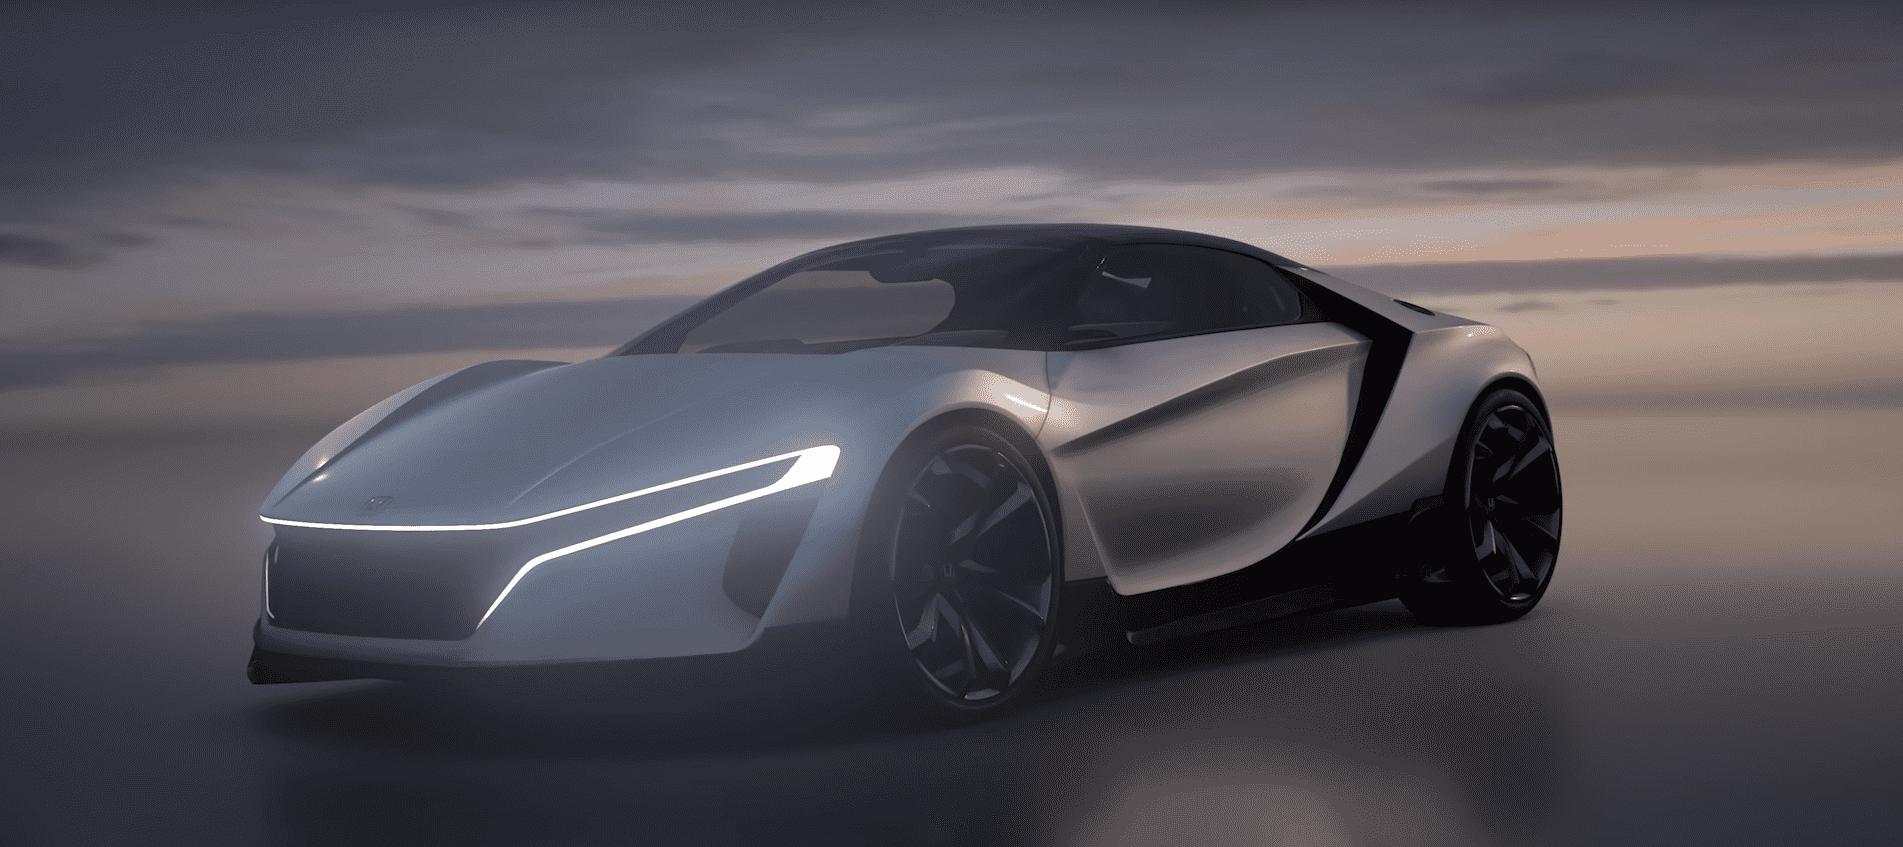 Honda Sports Vision Gran Turismo: un nuevo modelo Honda… para correr sólo en la pantalla